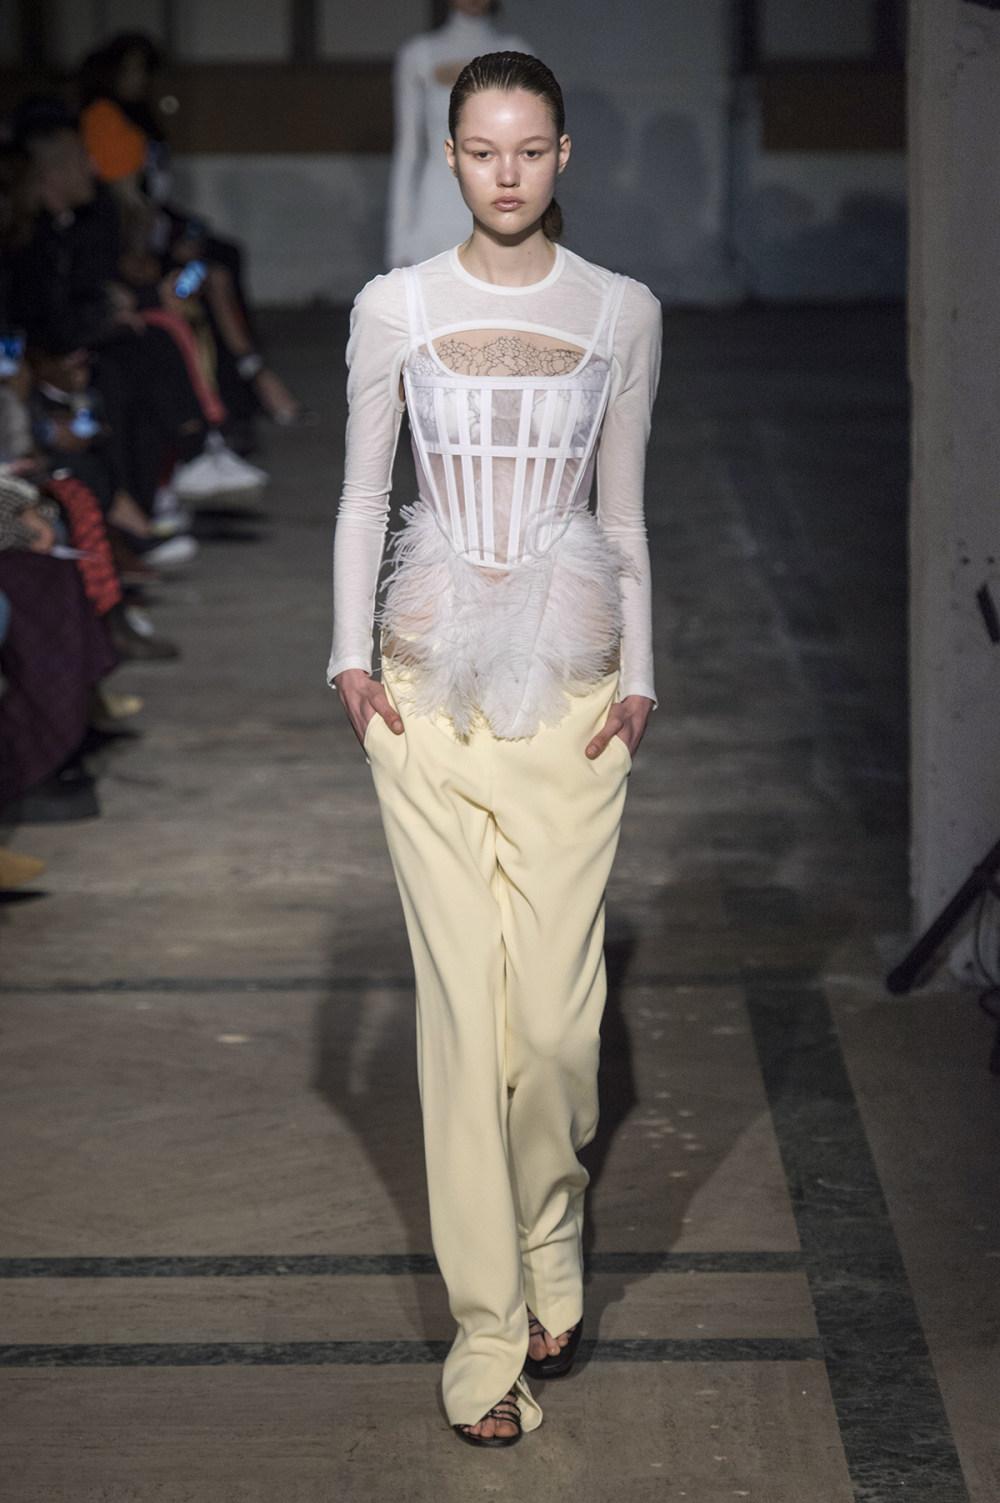 Dion Lee没有紧身衣的连衣裙被聚集或扭曲保持调色板的简约和奢华-12.jpg